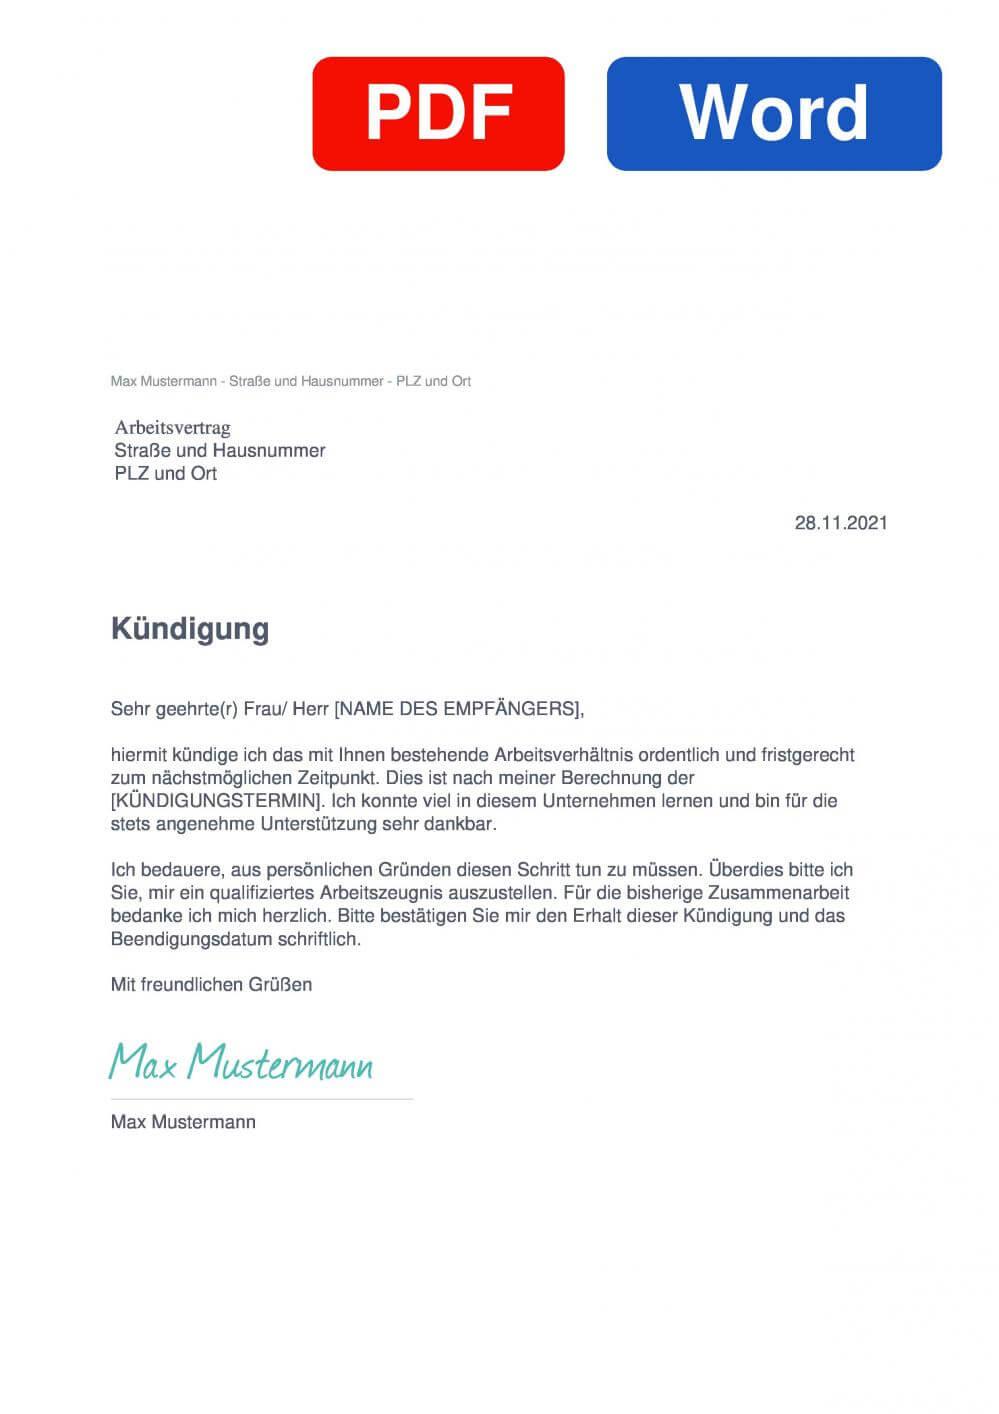 Arbeitsvertrag Muster Vorlage für Kündigungsschreiben